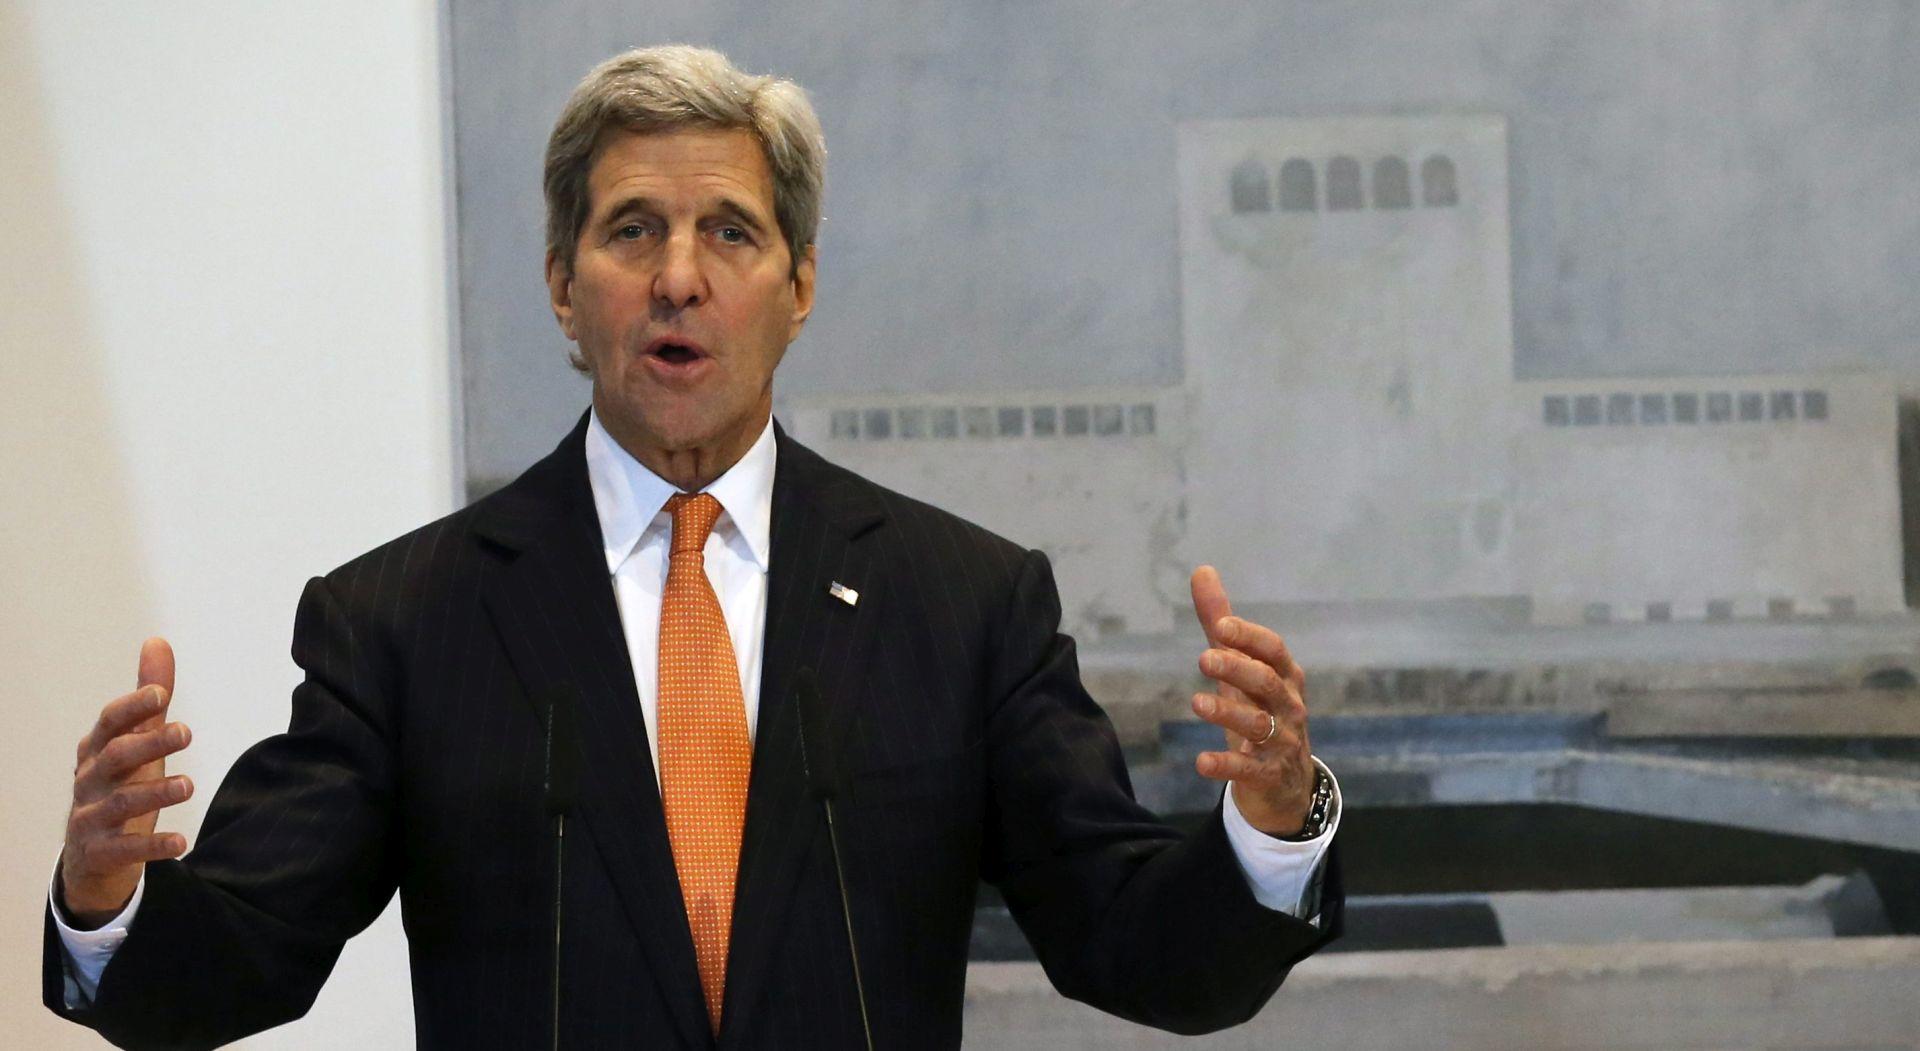 SUKOB U SIRIJI: John Kerry u nedjelju u Ženevi